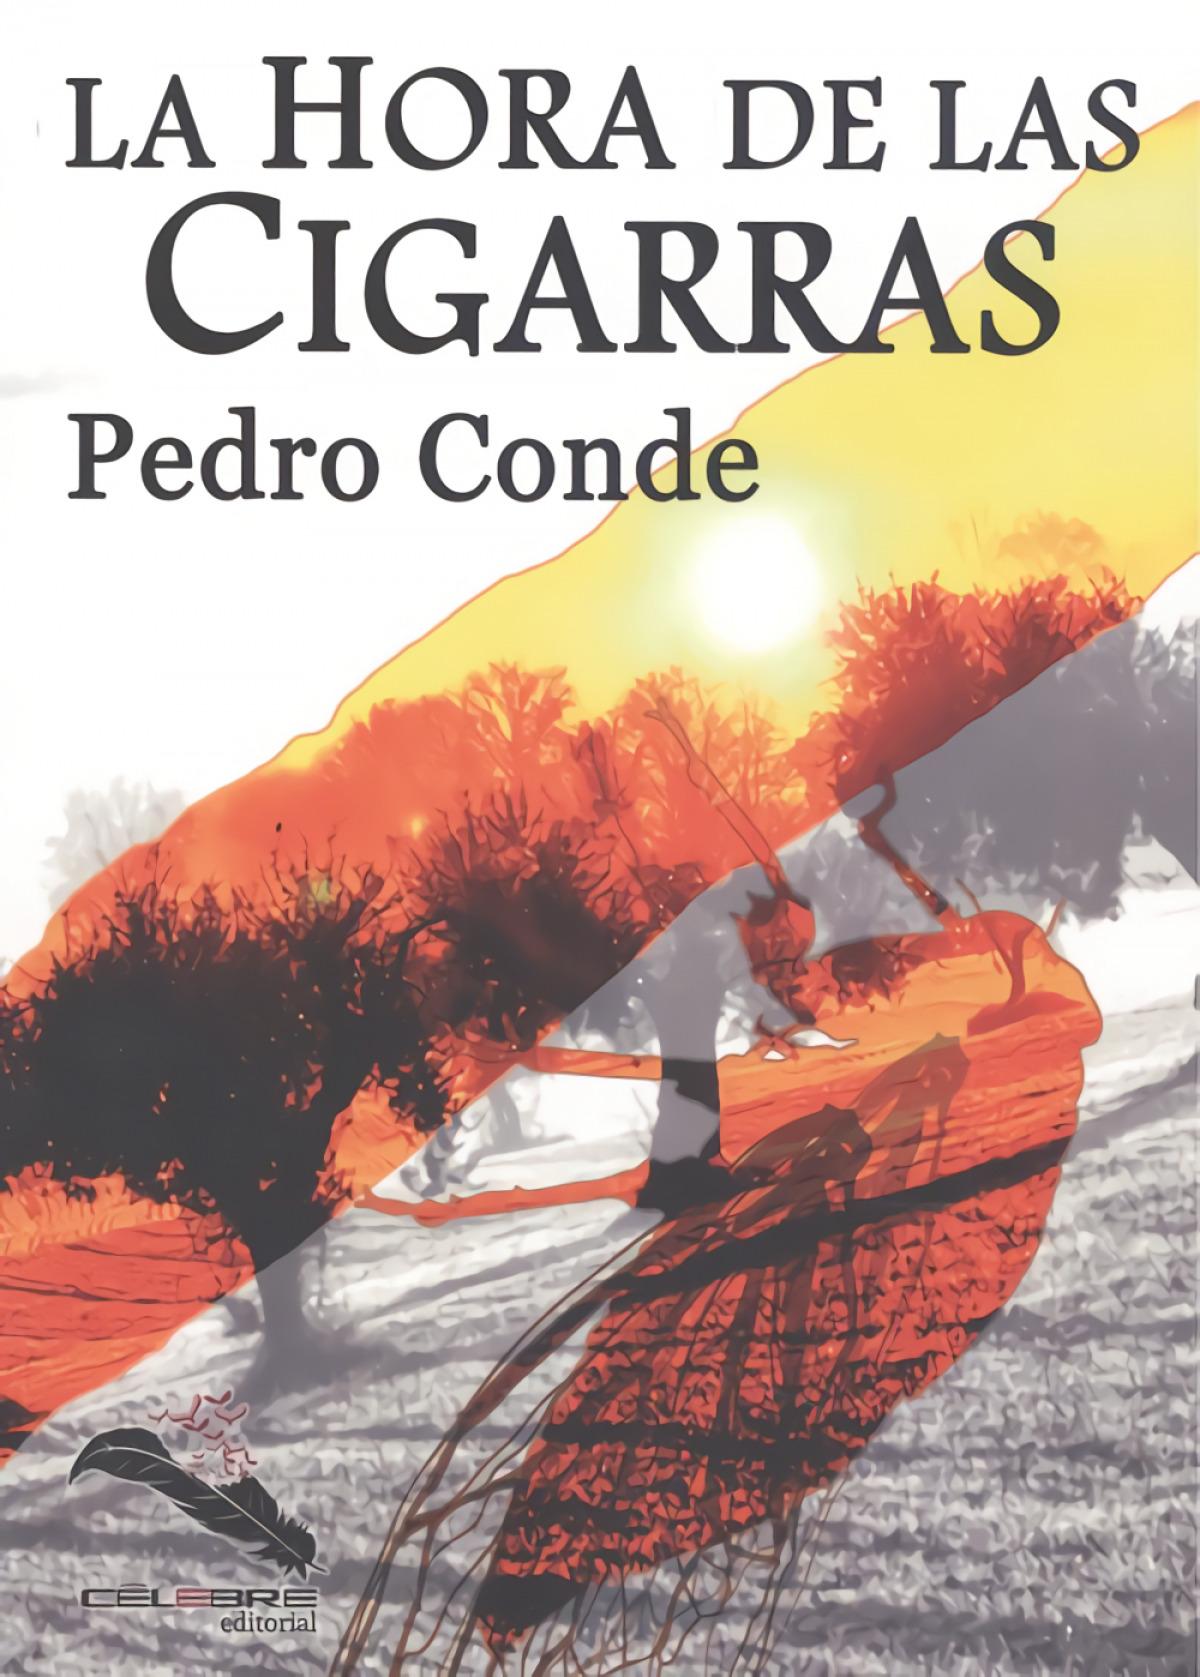 La hora de las cigarras 9788412047172